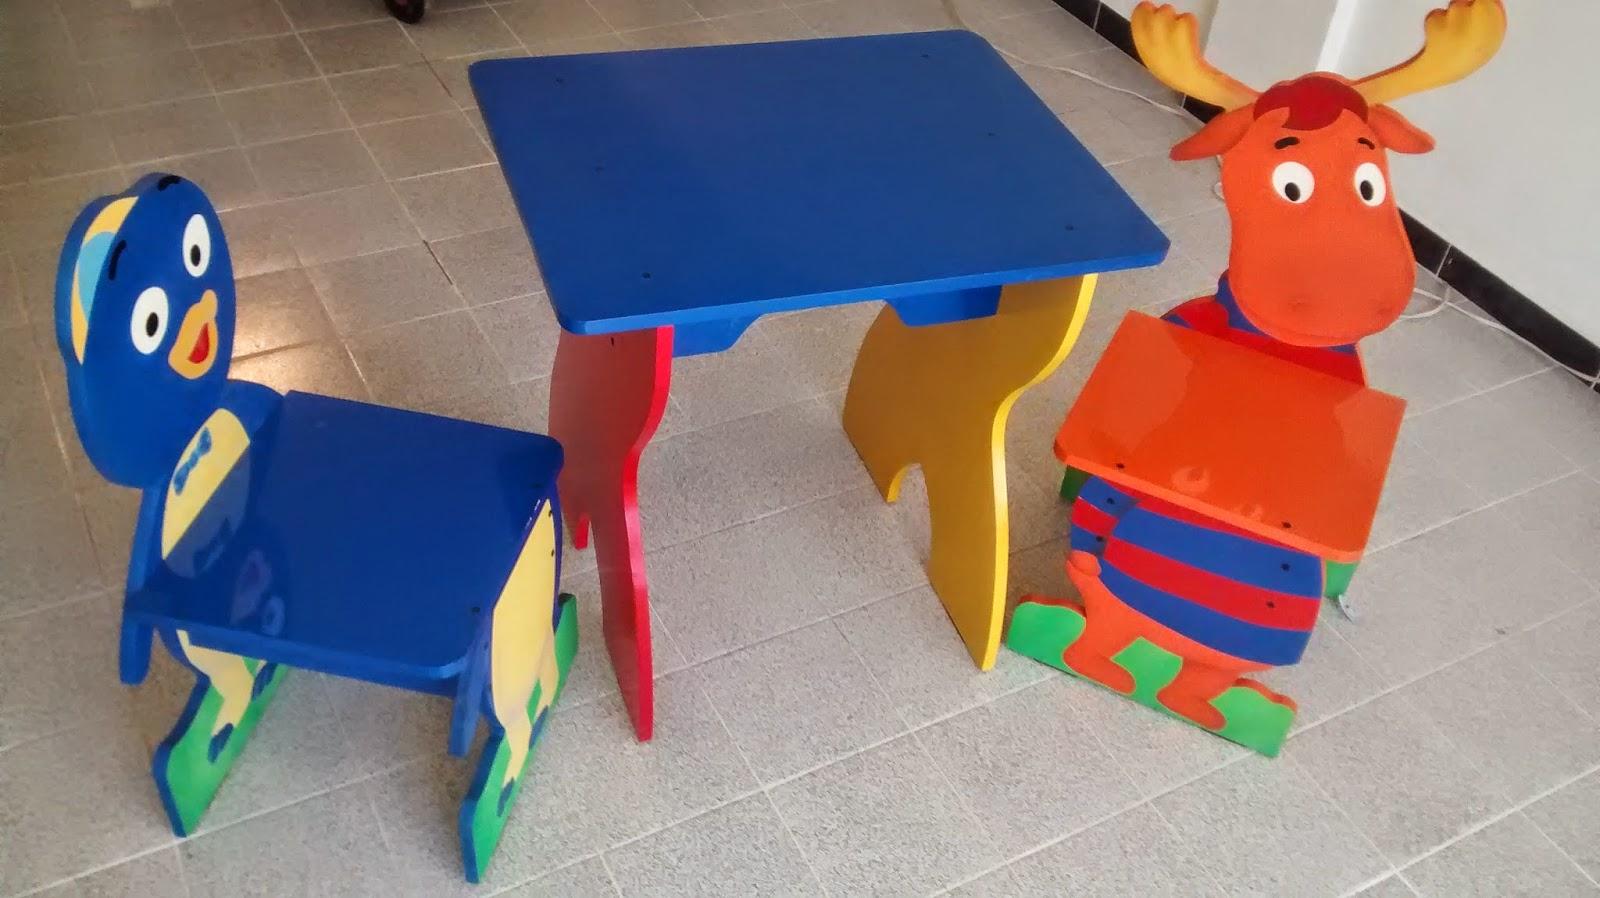 Galeria arte y dise o madekids juego de escritorio y - Juego de escritorio ...